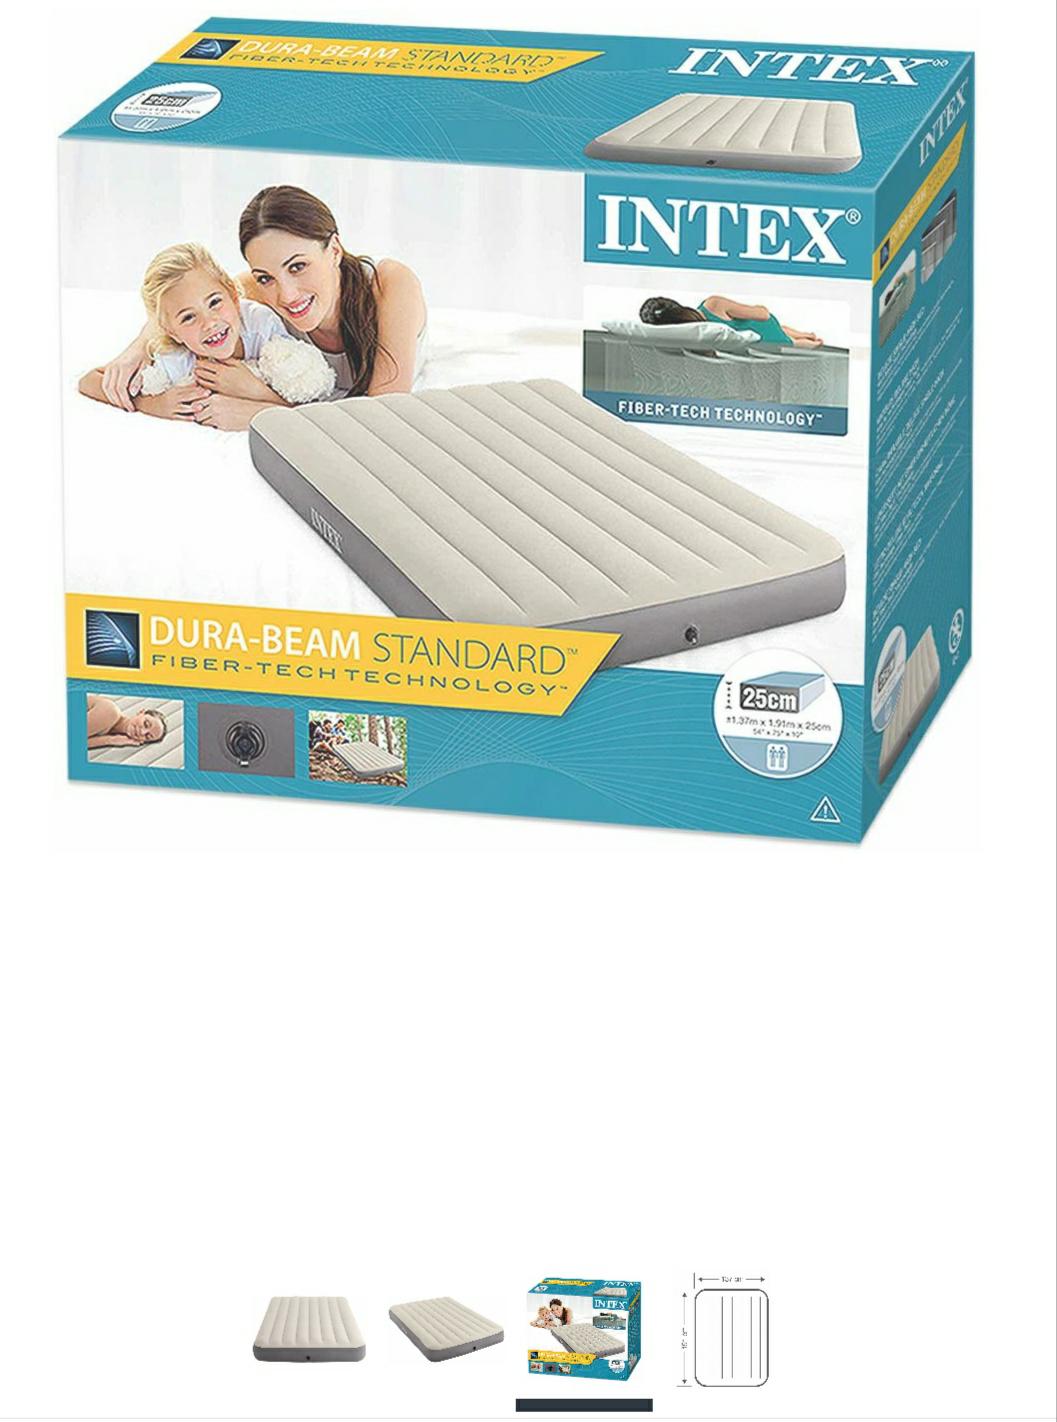 Intex 64102 - Colchón hinchable Fibertech Deluxe High, 137 x 191 x 25 cm